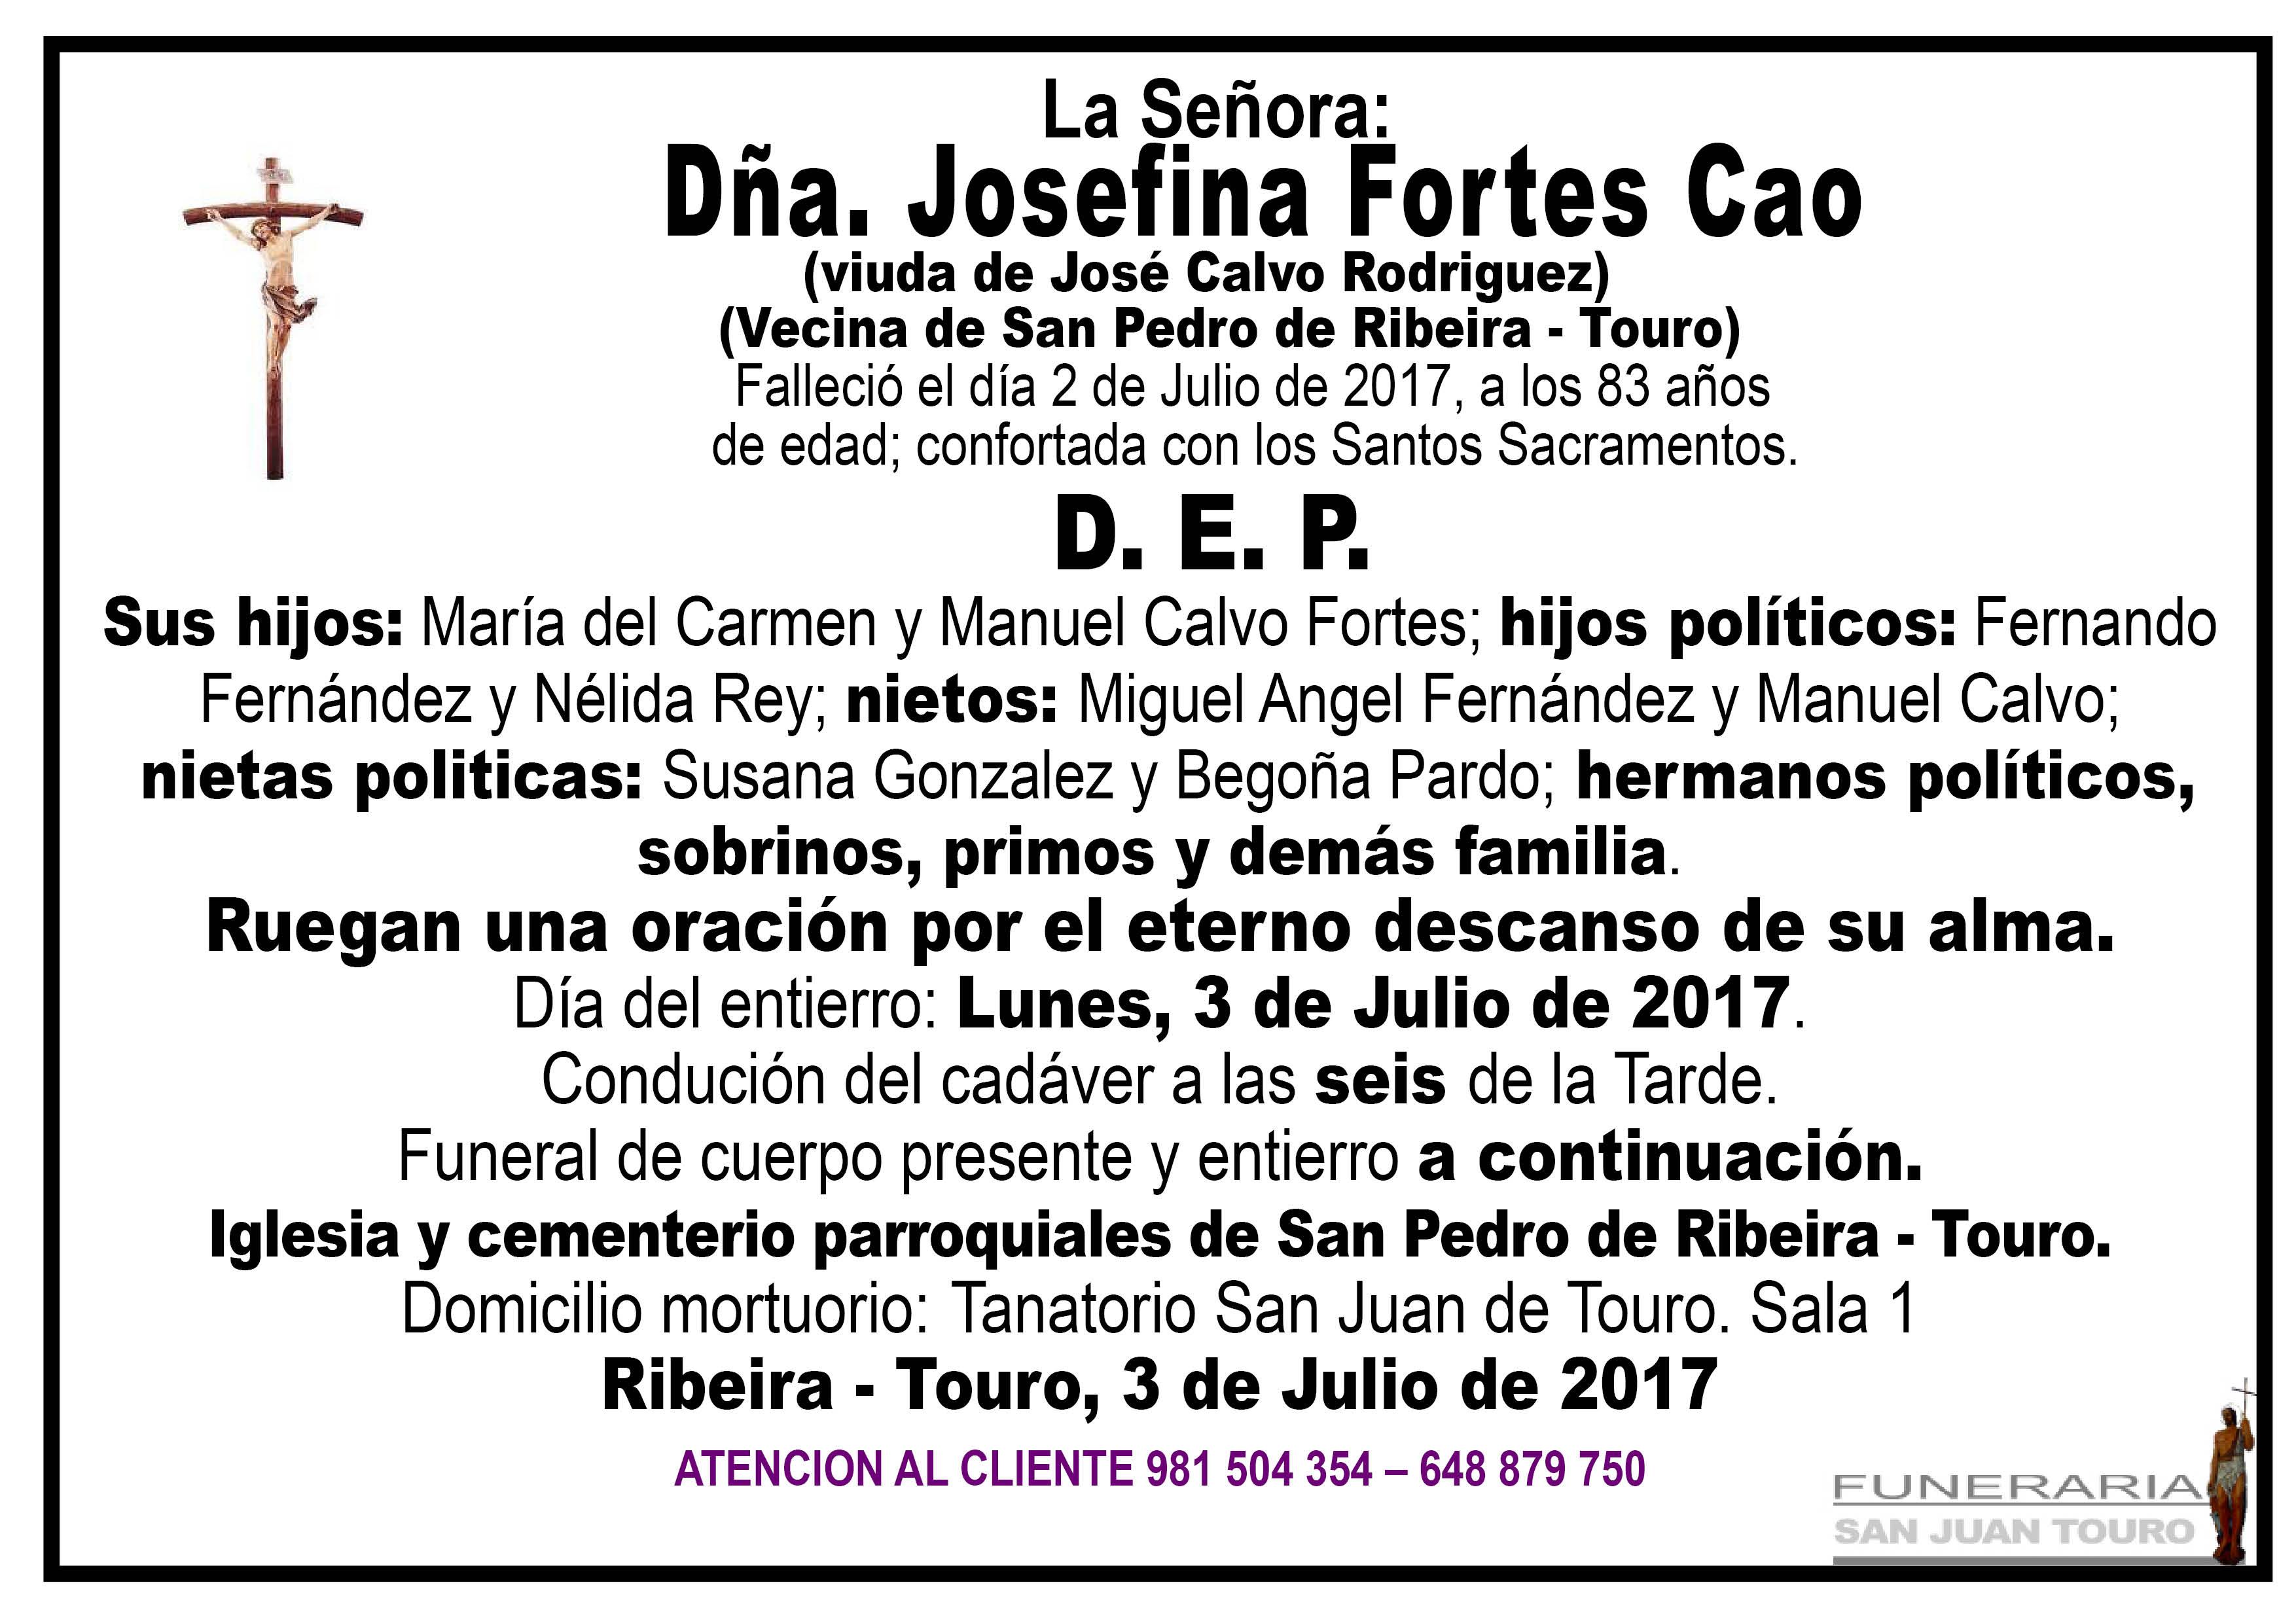 Esquela de SEPELIO DE DÑA JOSEFINA FORTES CAO